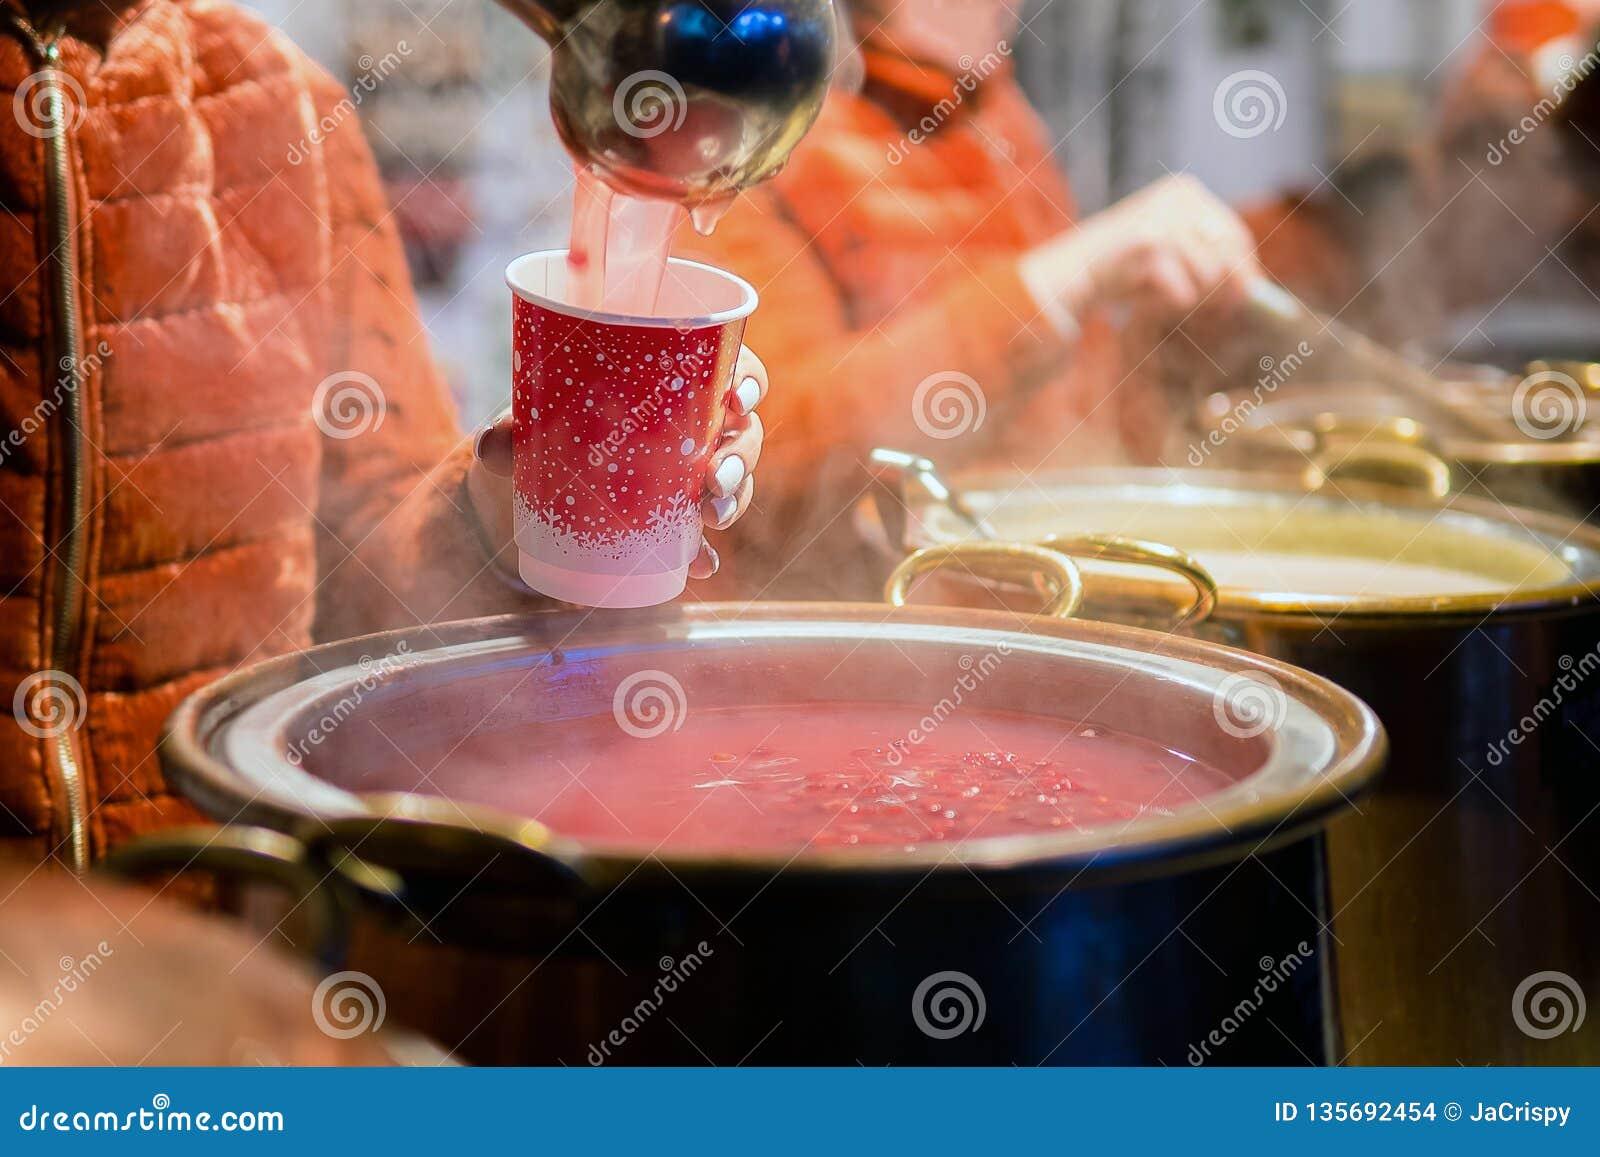 Varm gluhwein, vällingdrink eller funderat vin i en kittel på ganska lokal fest, varmt och kryddigt En varm hälsosam traditionell